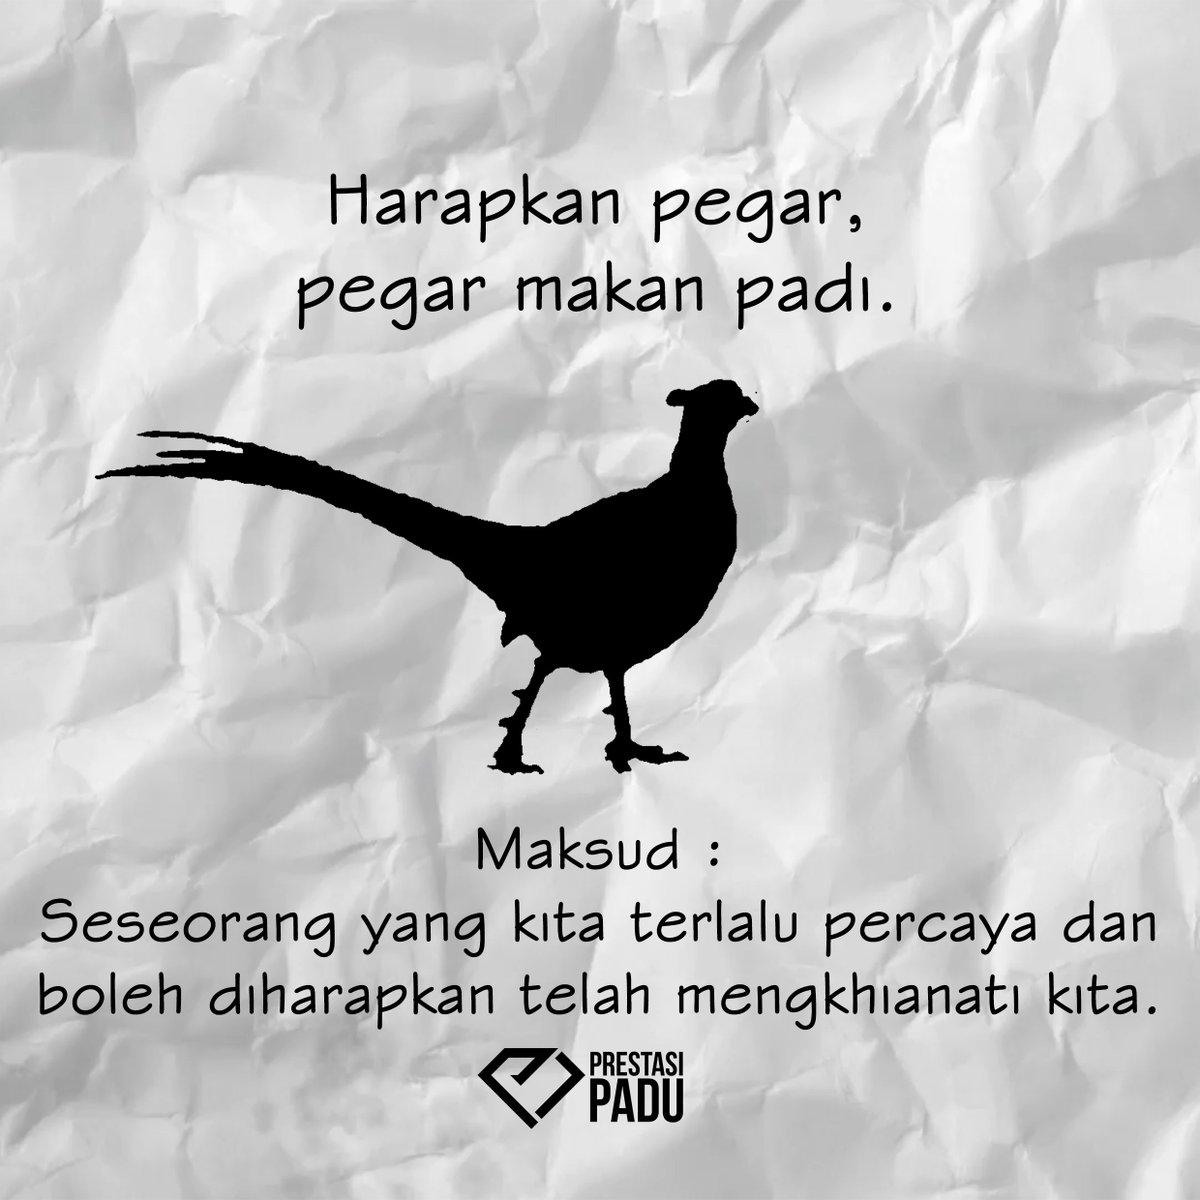 Pusat Tuisyen Prestasi Padu On Twitter Harapkan Pegar Pegar Makan Padi Pegar Ialah Sejenis Ayam Yang Digunakan Untuk Menghapuskan Serangga Yang Merosakkan Padi Pegar Bukan Pagar Peribahasa Peribahasaoftheday Bahasa Melayu Tuisyen